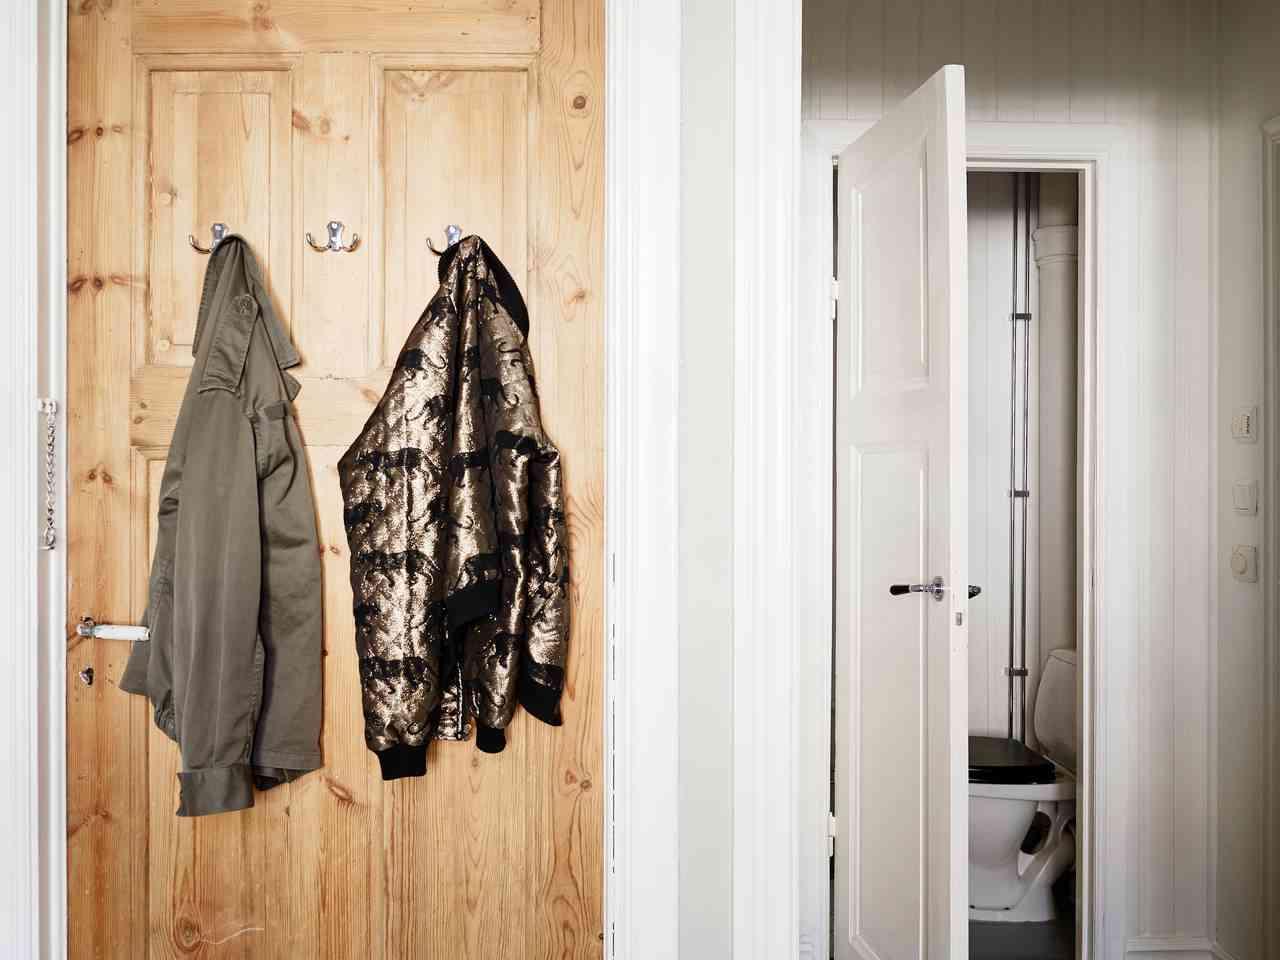 apartamento 32 metros - puerta